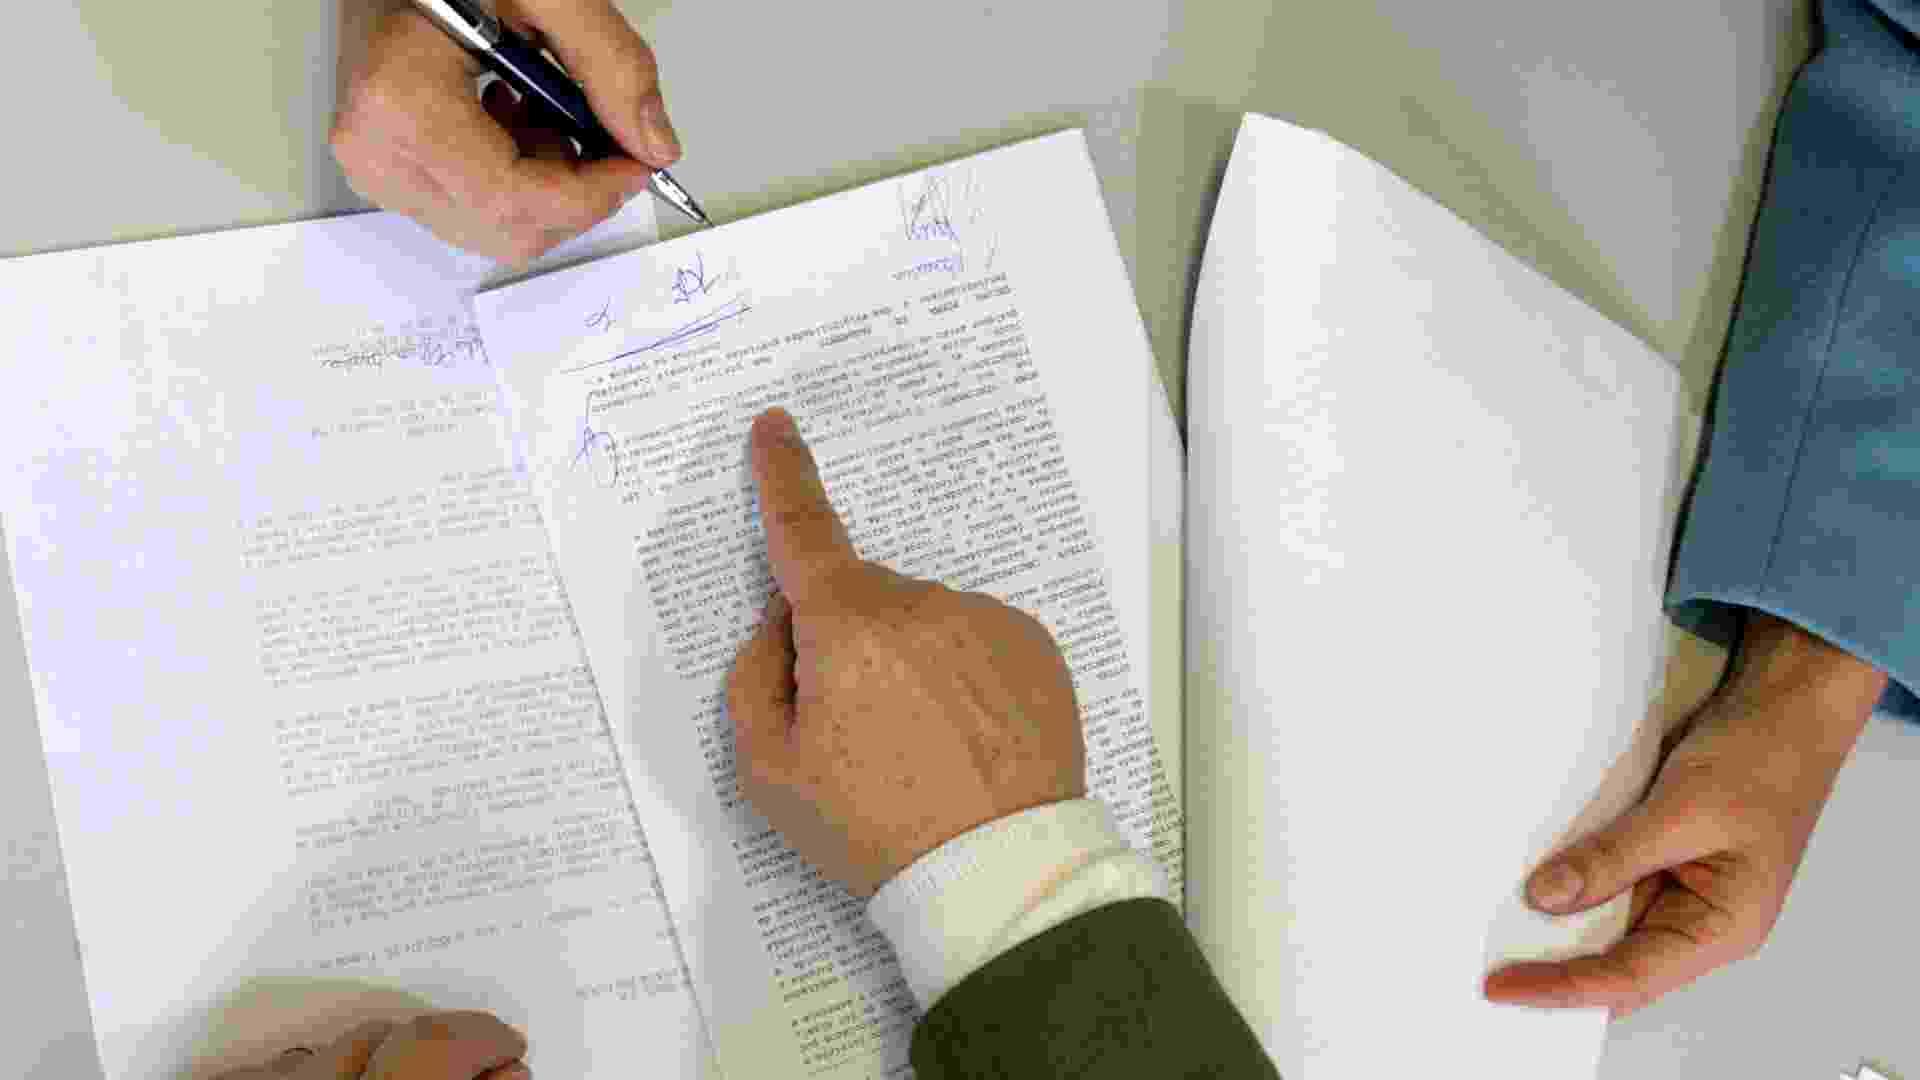 Simulação de assinatura de contrato de empréstimo entre cliente e gerente de banco, ou de contrato de aluguel, compra e venda de imóvel etc - Rafael Hupsel/Folhapress